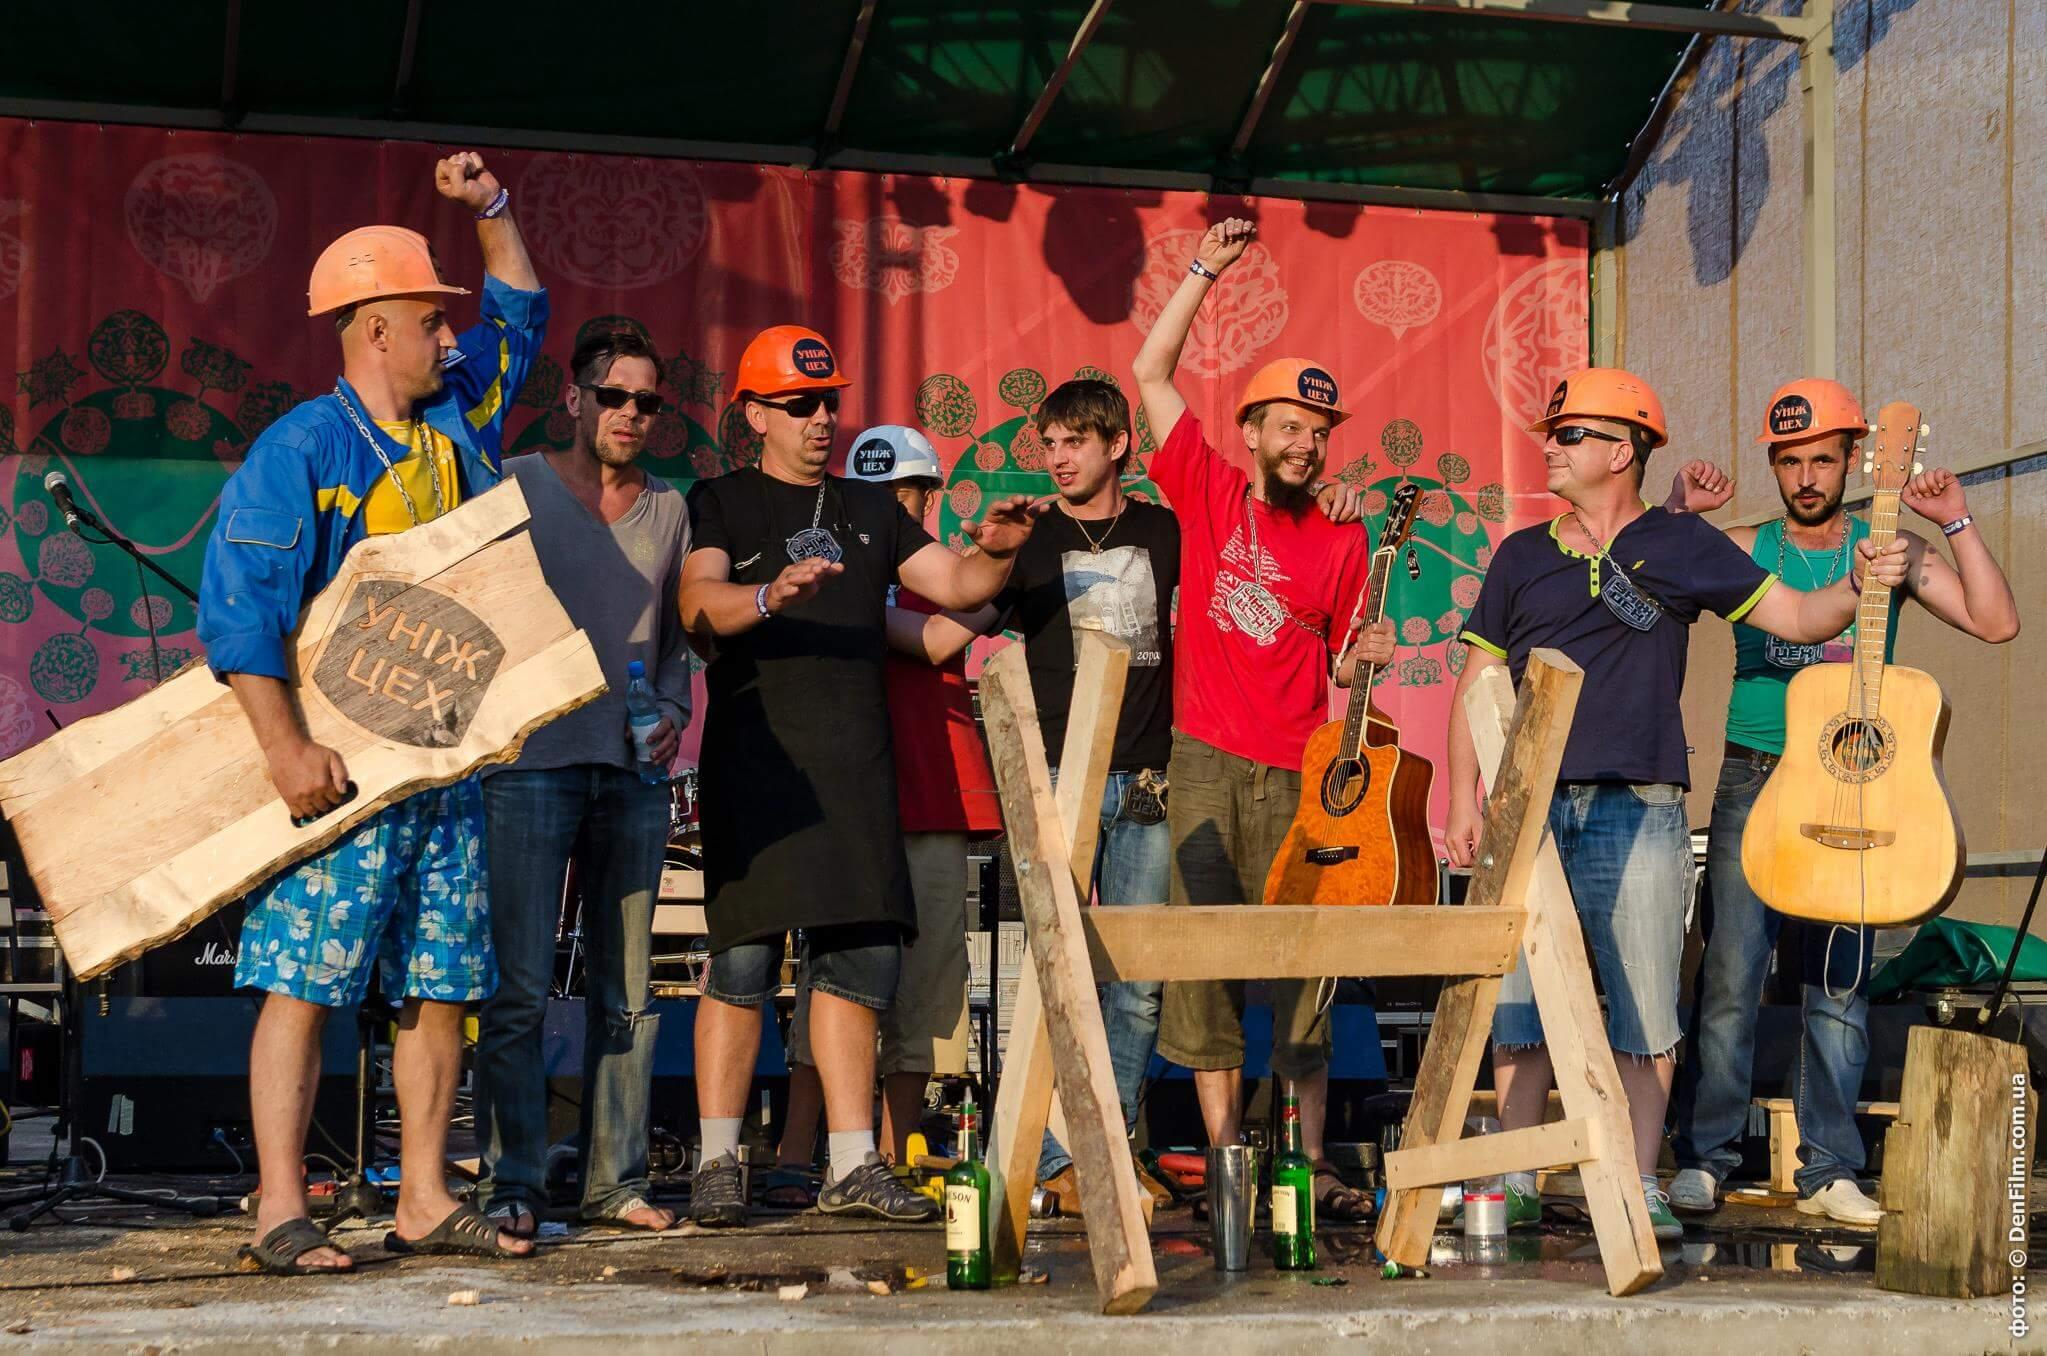 Усміхнені учасники «Уніж цеху» на сцені фестивалю в Унежі